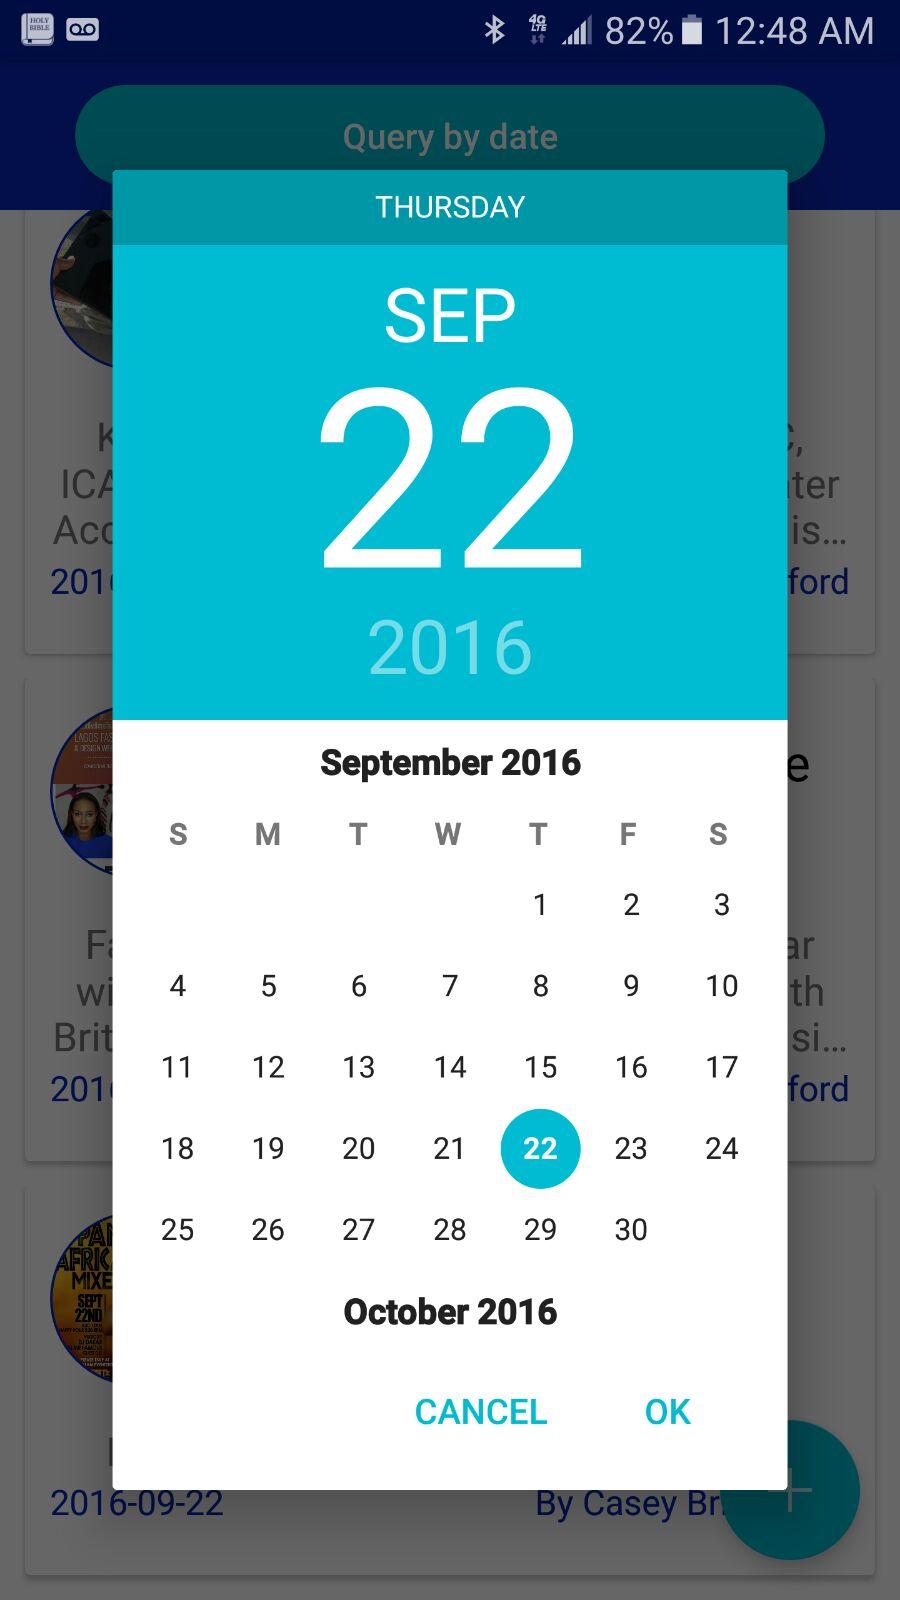 WhatsApp Image 2016-09-22 at 1.07.43 AM (1).jpeg